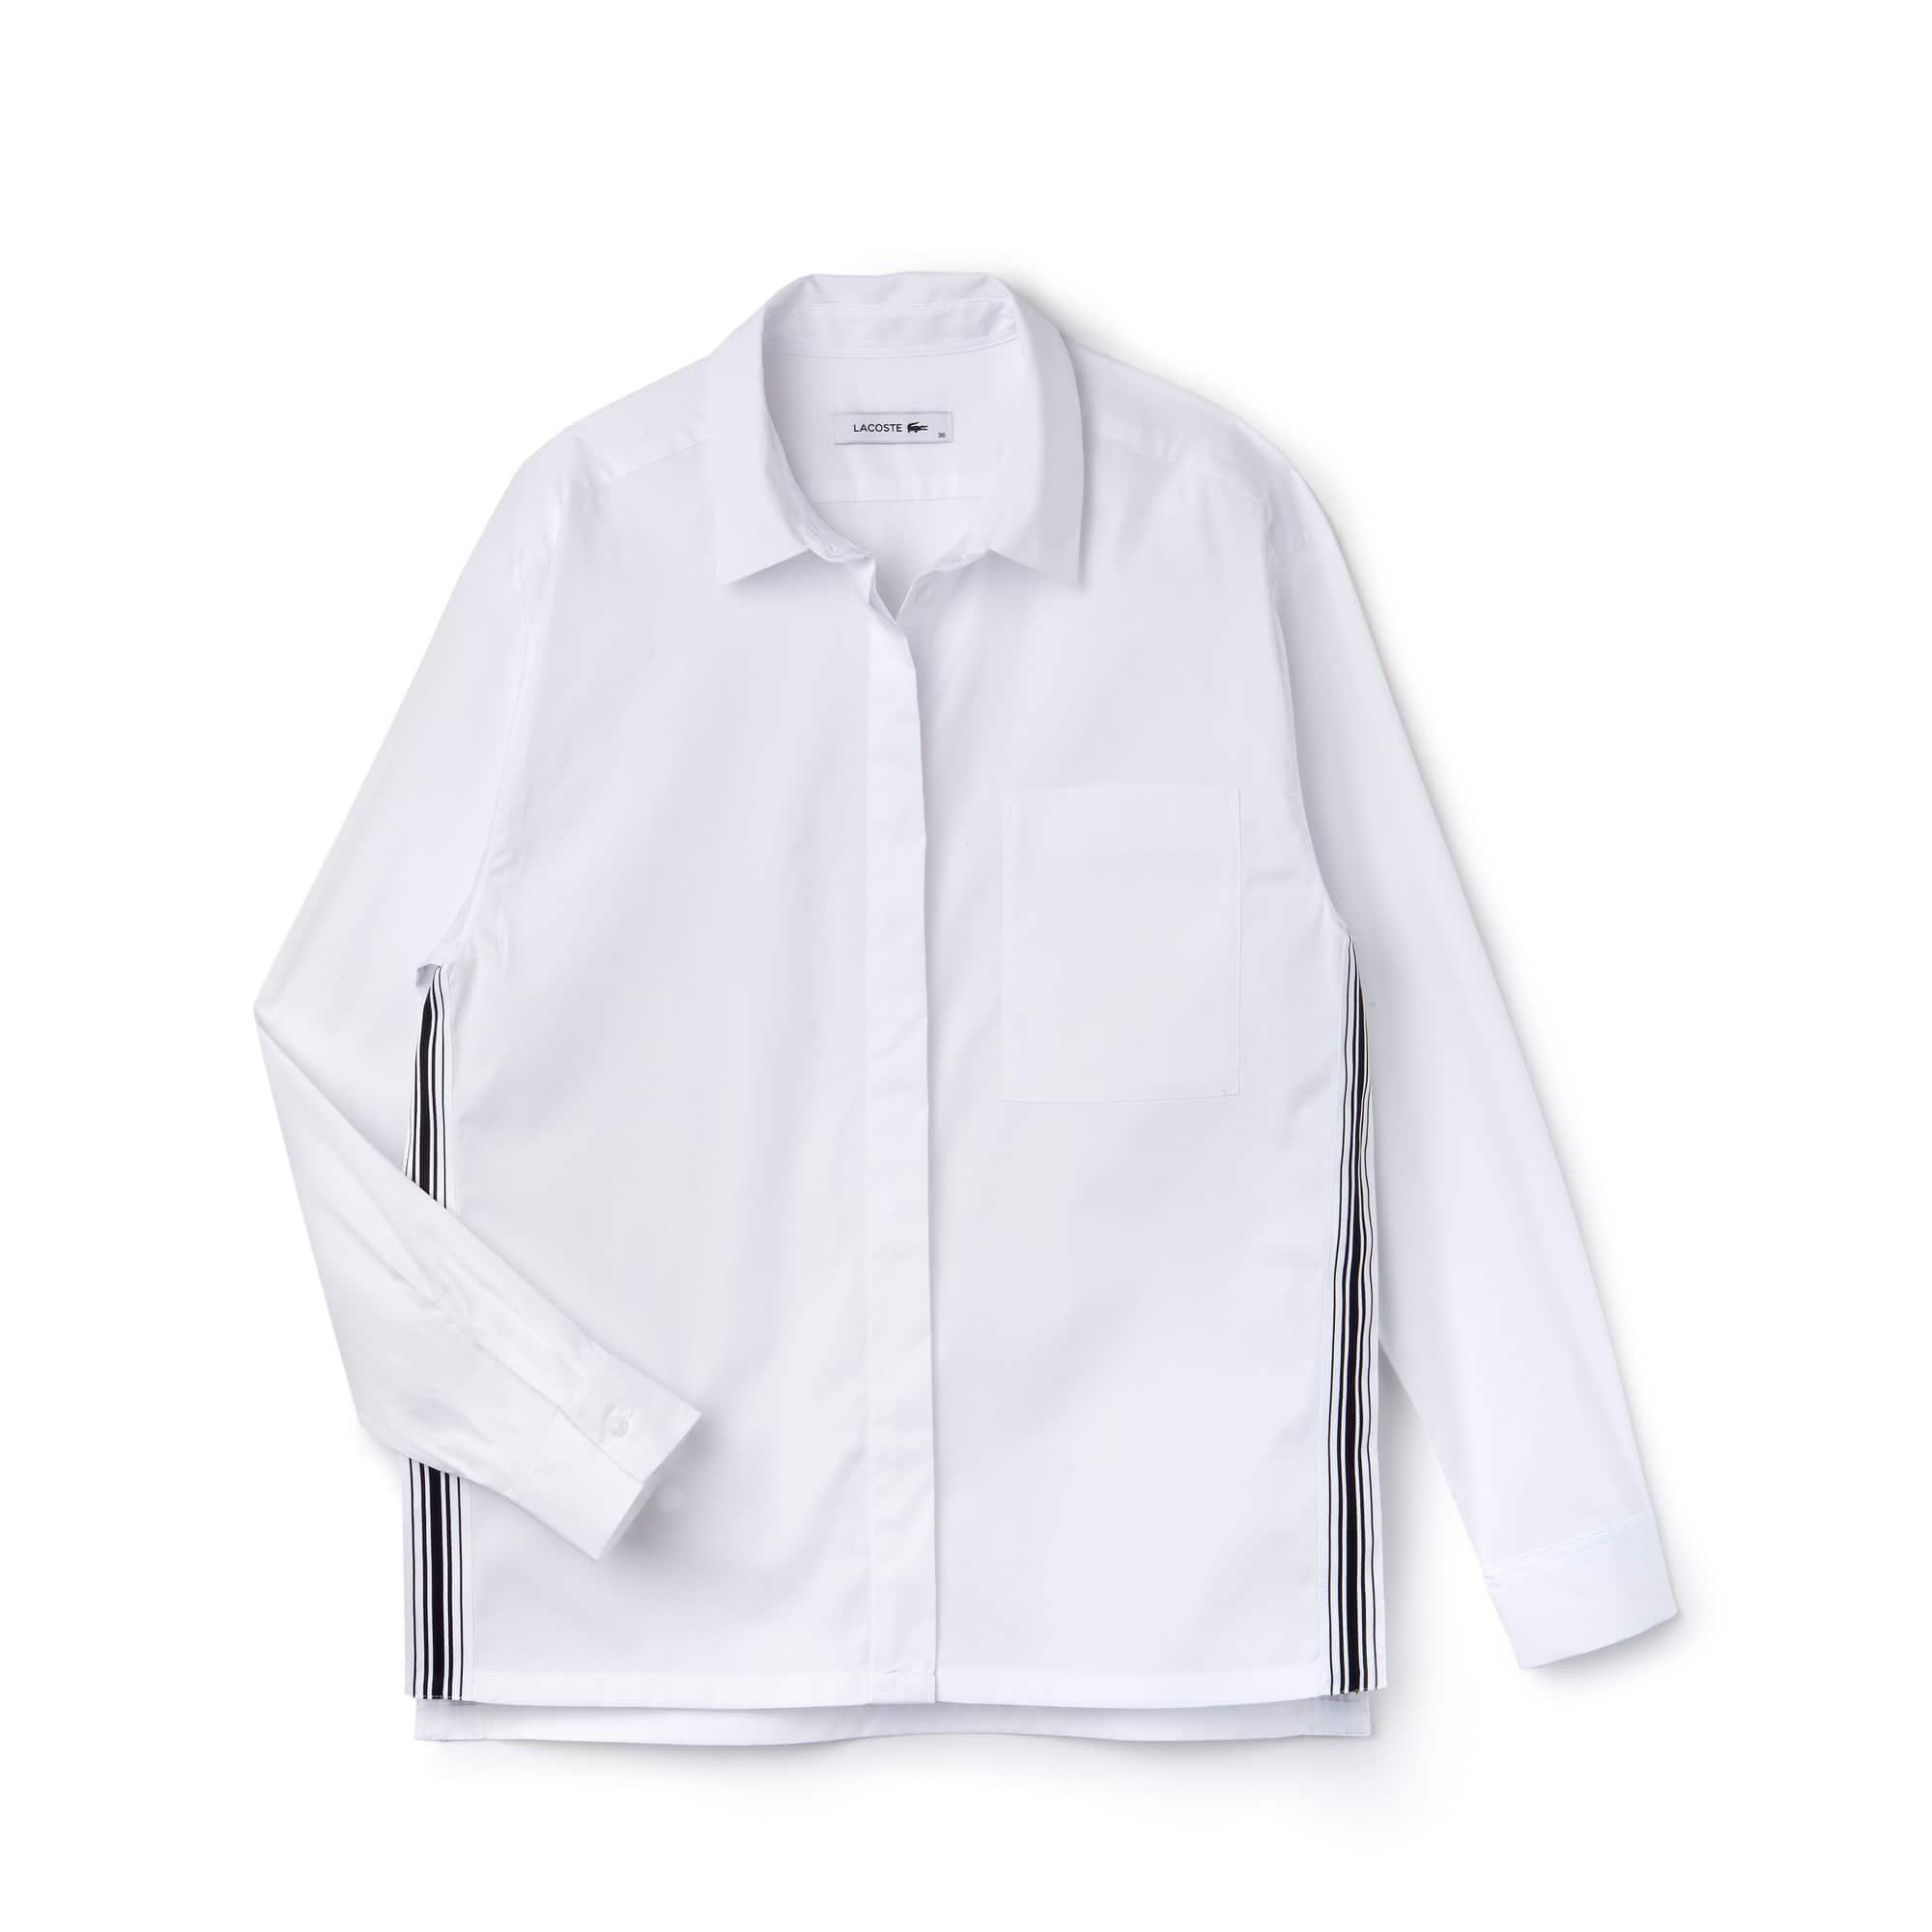 Regular Fit Damen-Bluse aus Popeline mit Kontraststreifen